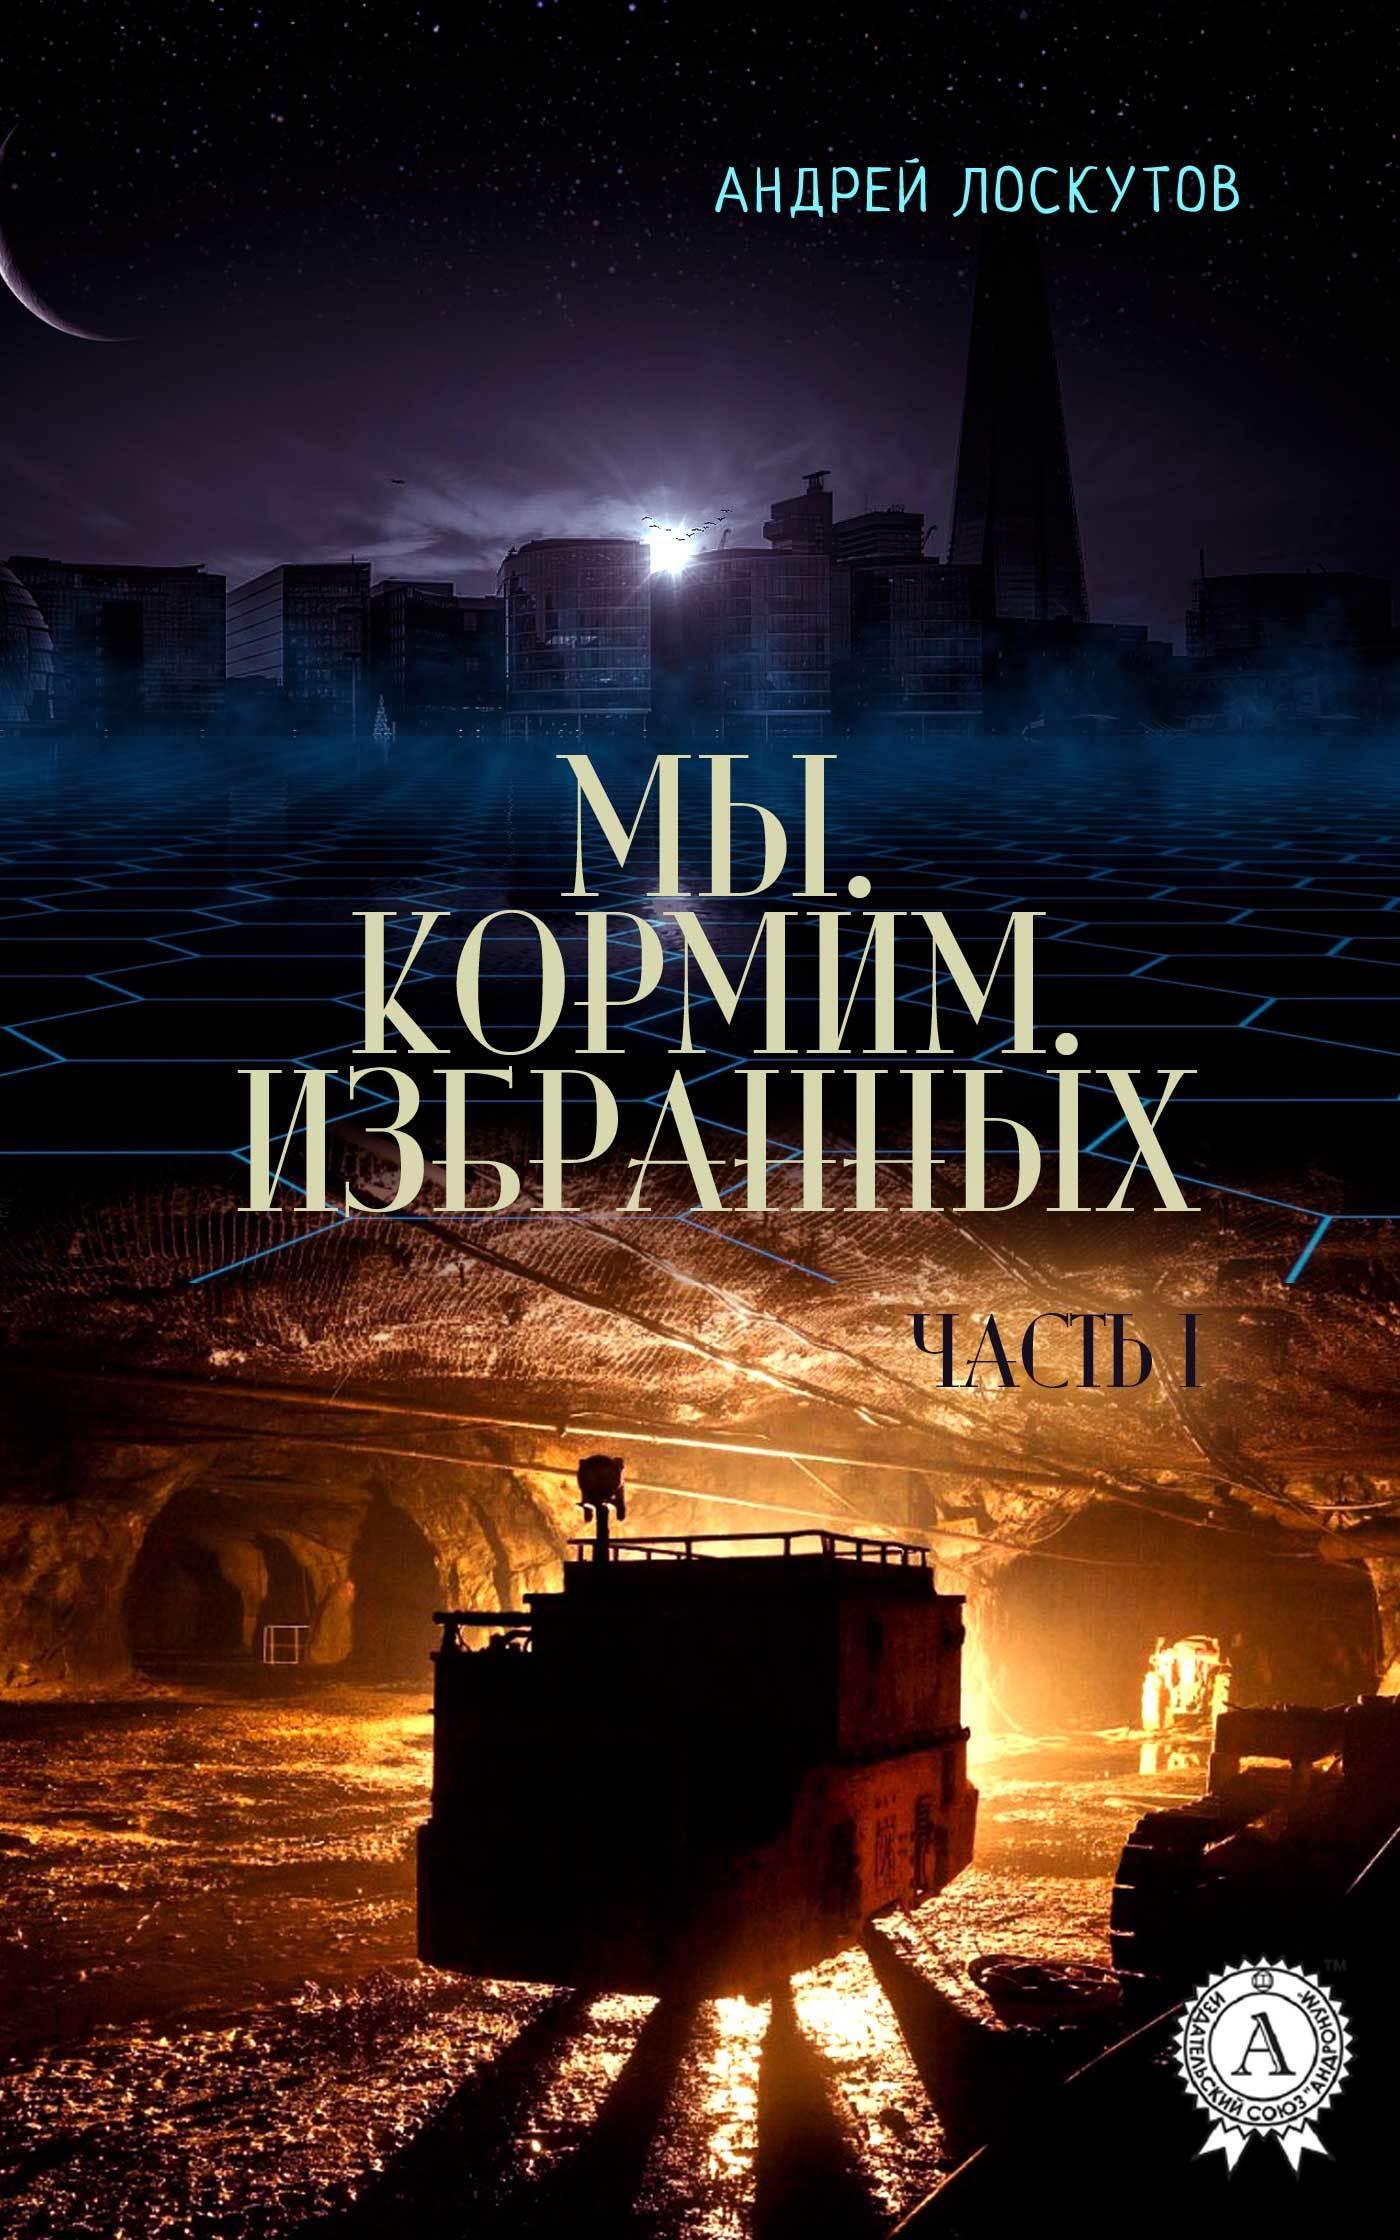 Андрей Лоскутов Мы. Кормим. Избранных. Часть I